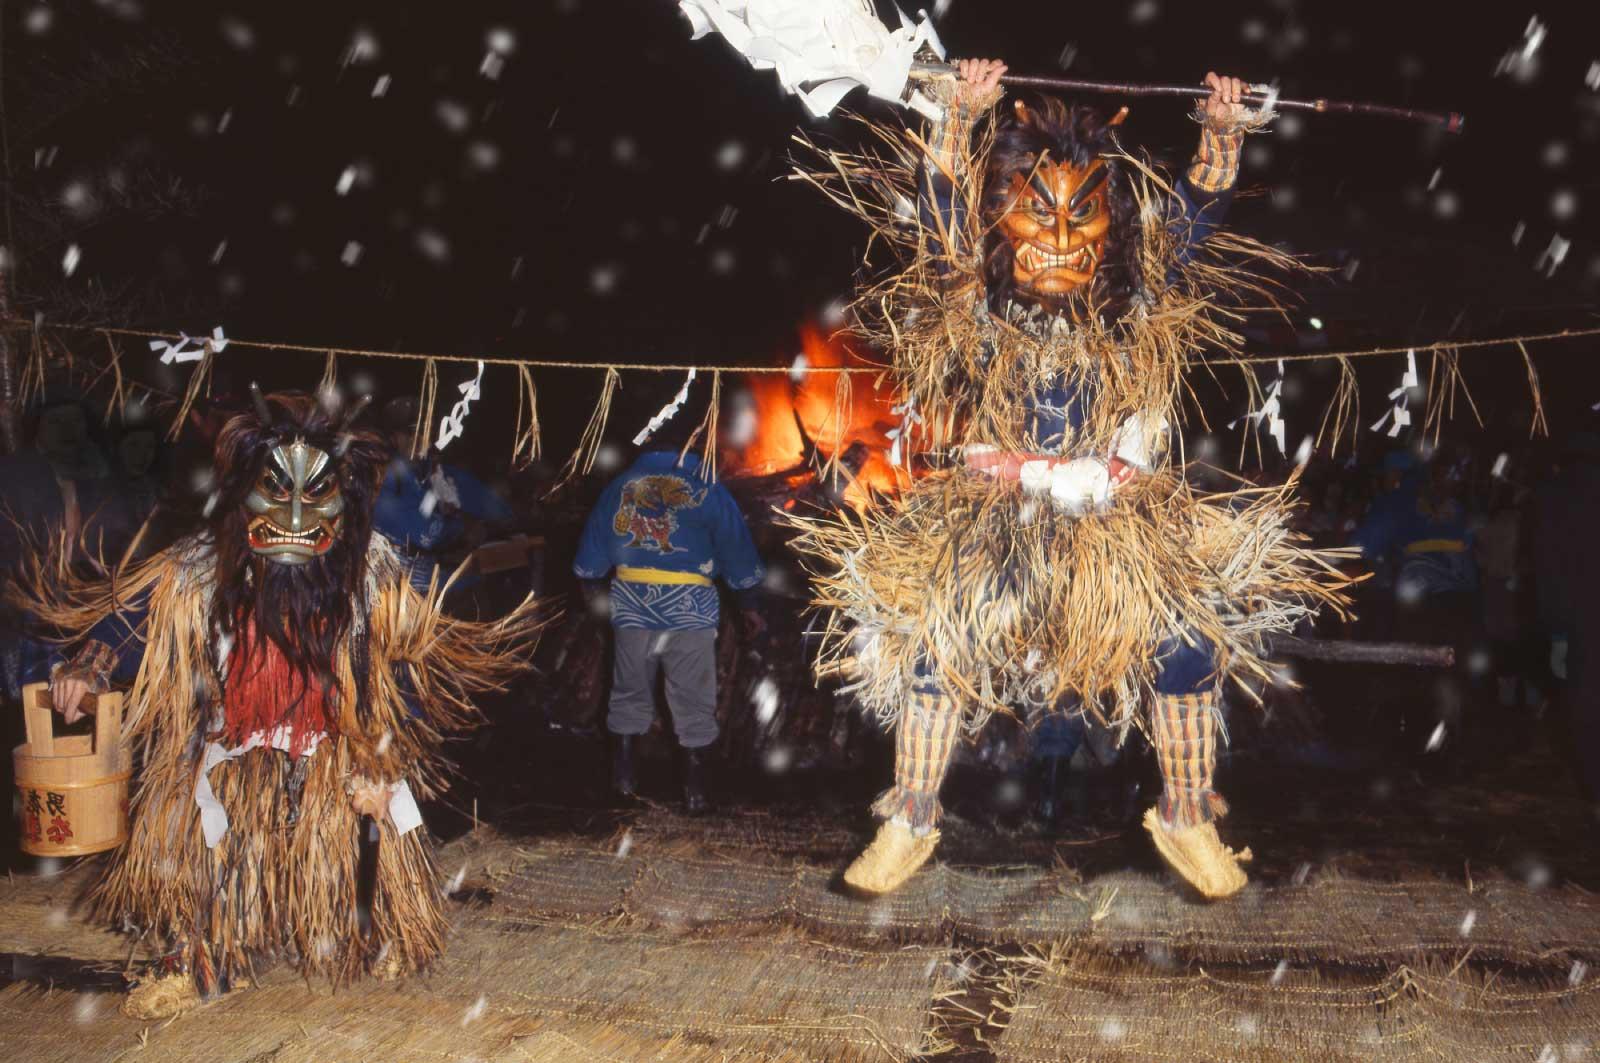 冬でも同様に、イベント(祭り)が開催されている